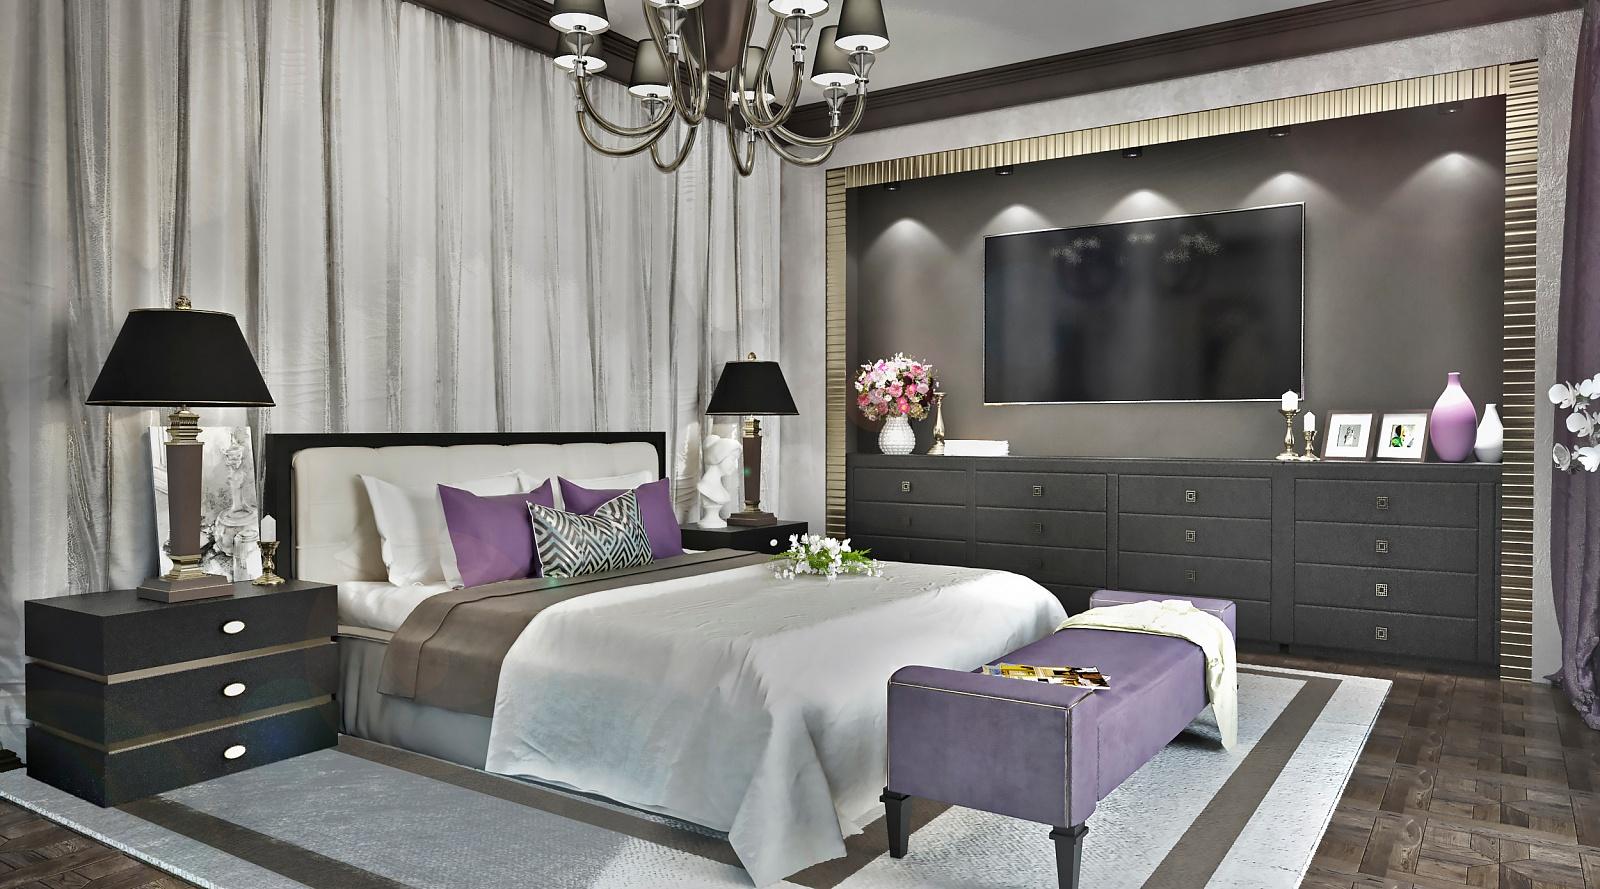 Кровать с лампами на тумбочках